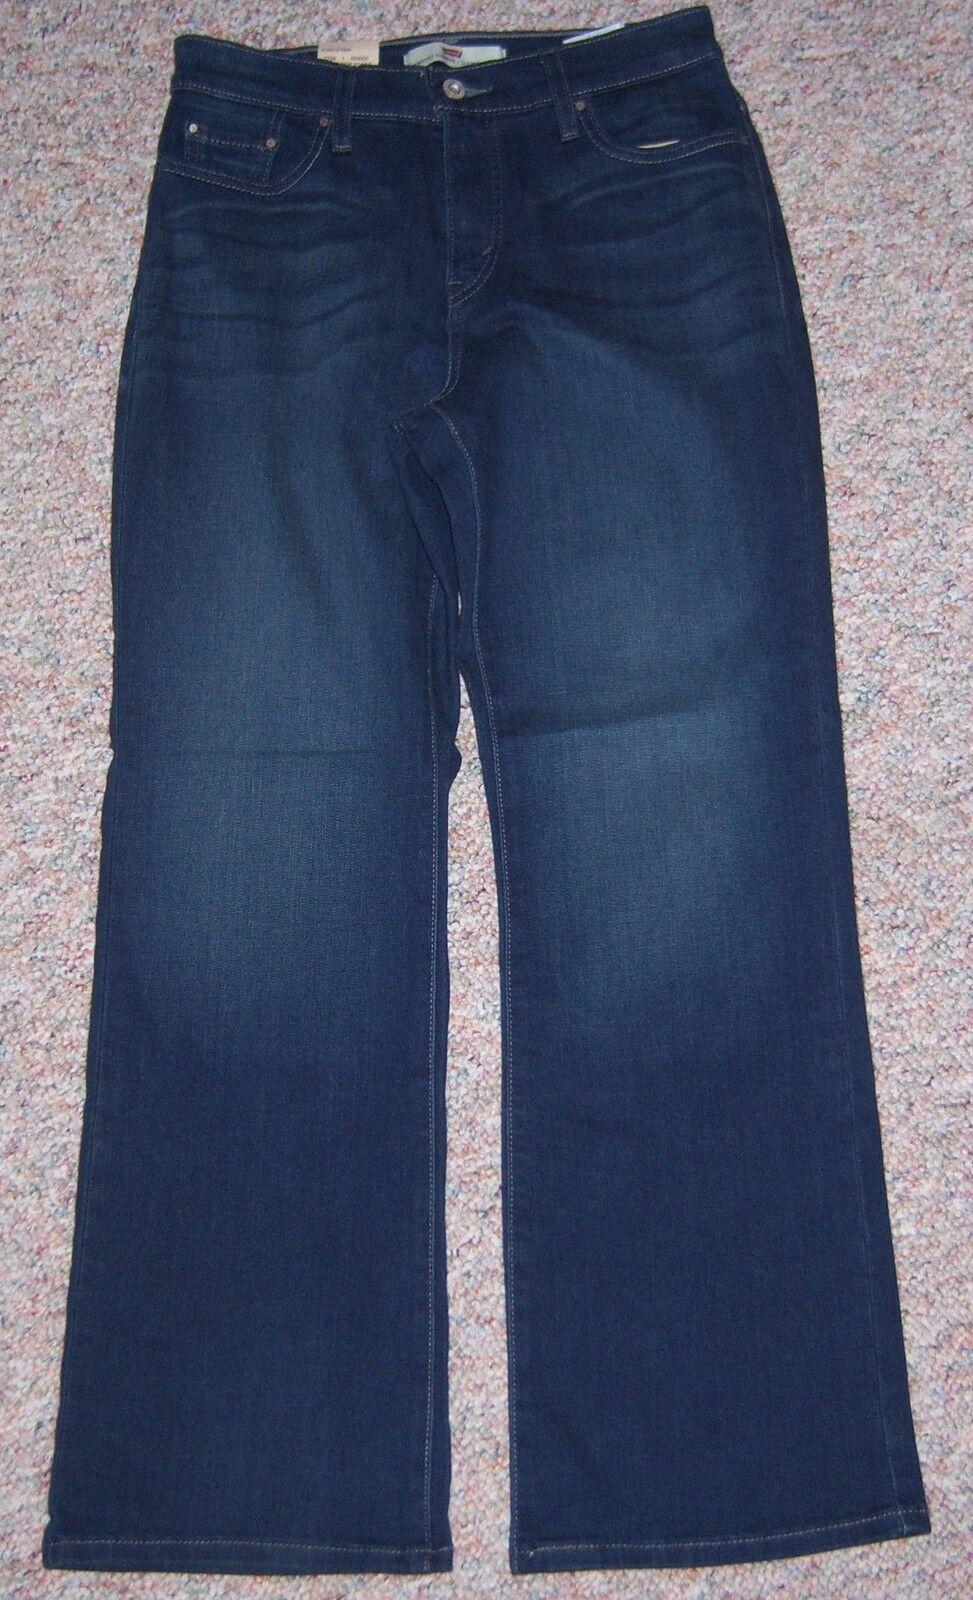 Levi's men's 512 bootcut jeans